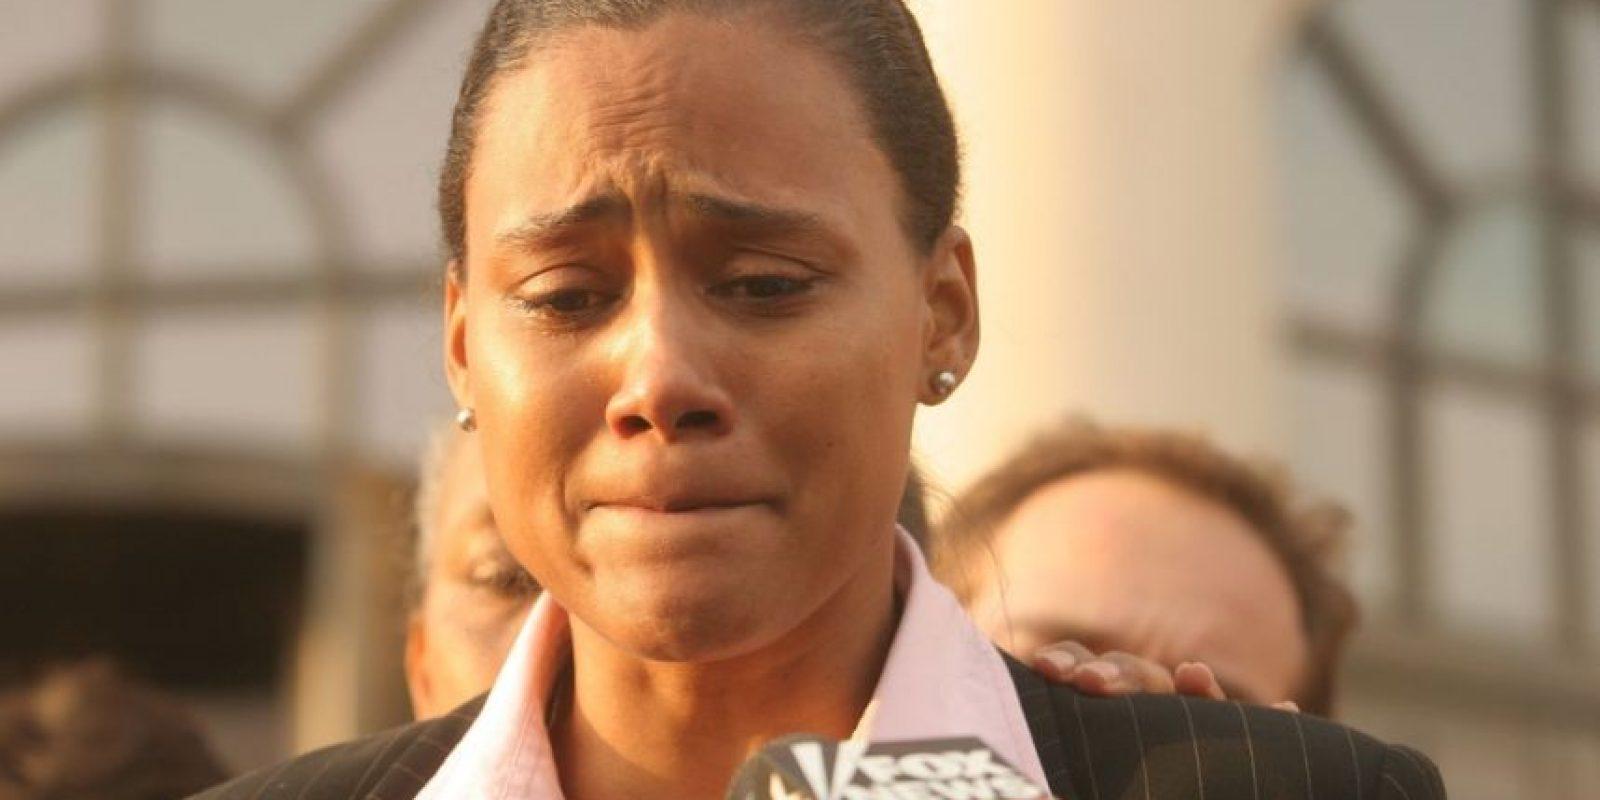 En 2007 se declaró culpable de haber tomado sustancias prohibidas durante los Juegos Olímpicos de Sidney 2000, por lo que fue sentenciada a seis meses de prisión, se anularon todos sus resultados desde septiembre de 2000 y fue obligada a regresar las cinco medallas que ganó. Foto:Getty Images